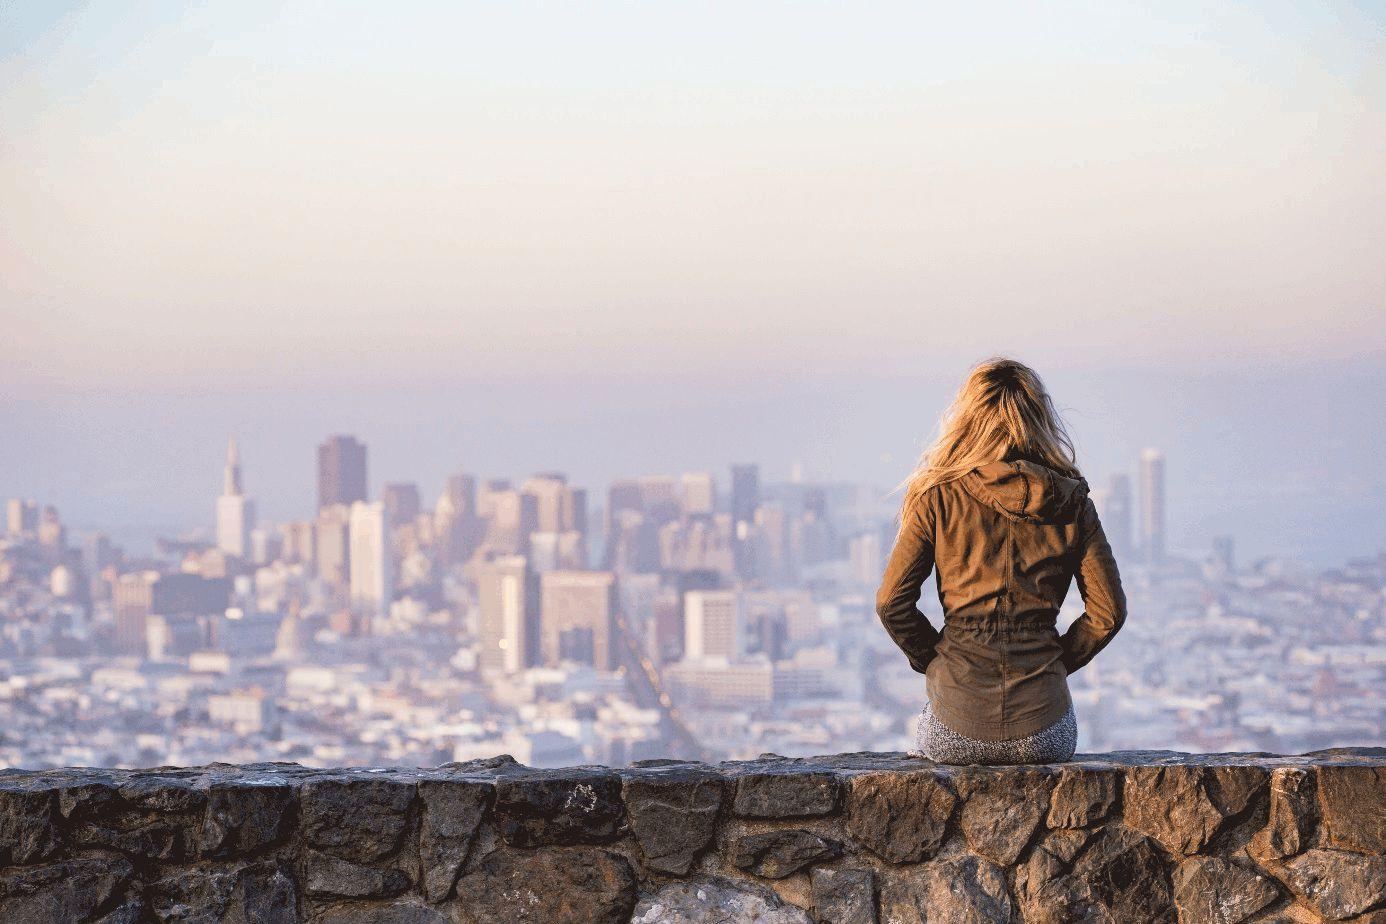 Junge Frau steht auf einer Erhöhung und blickt auf die Skyline einer Großstadt.